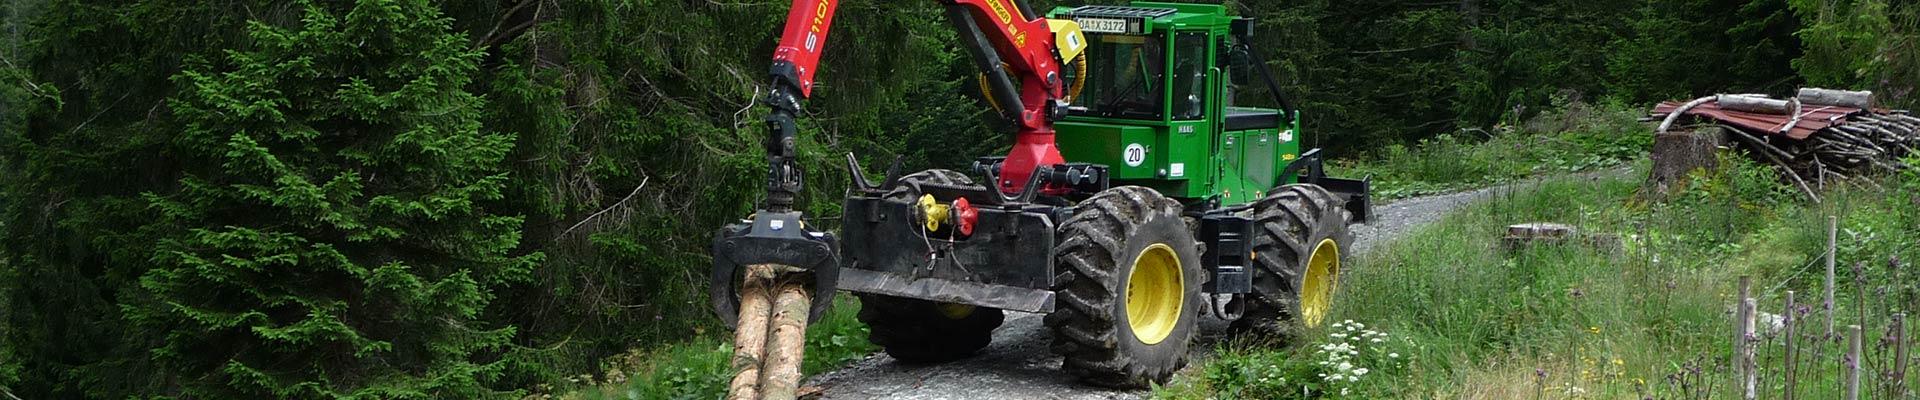 Arbeitsgeräte der Holzergemeinschaft Bad Oberdorf Team